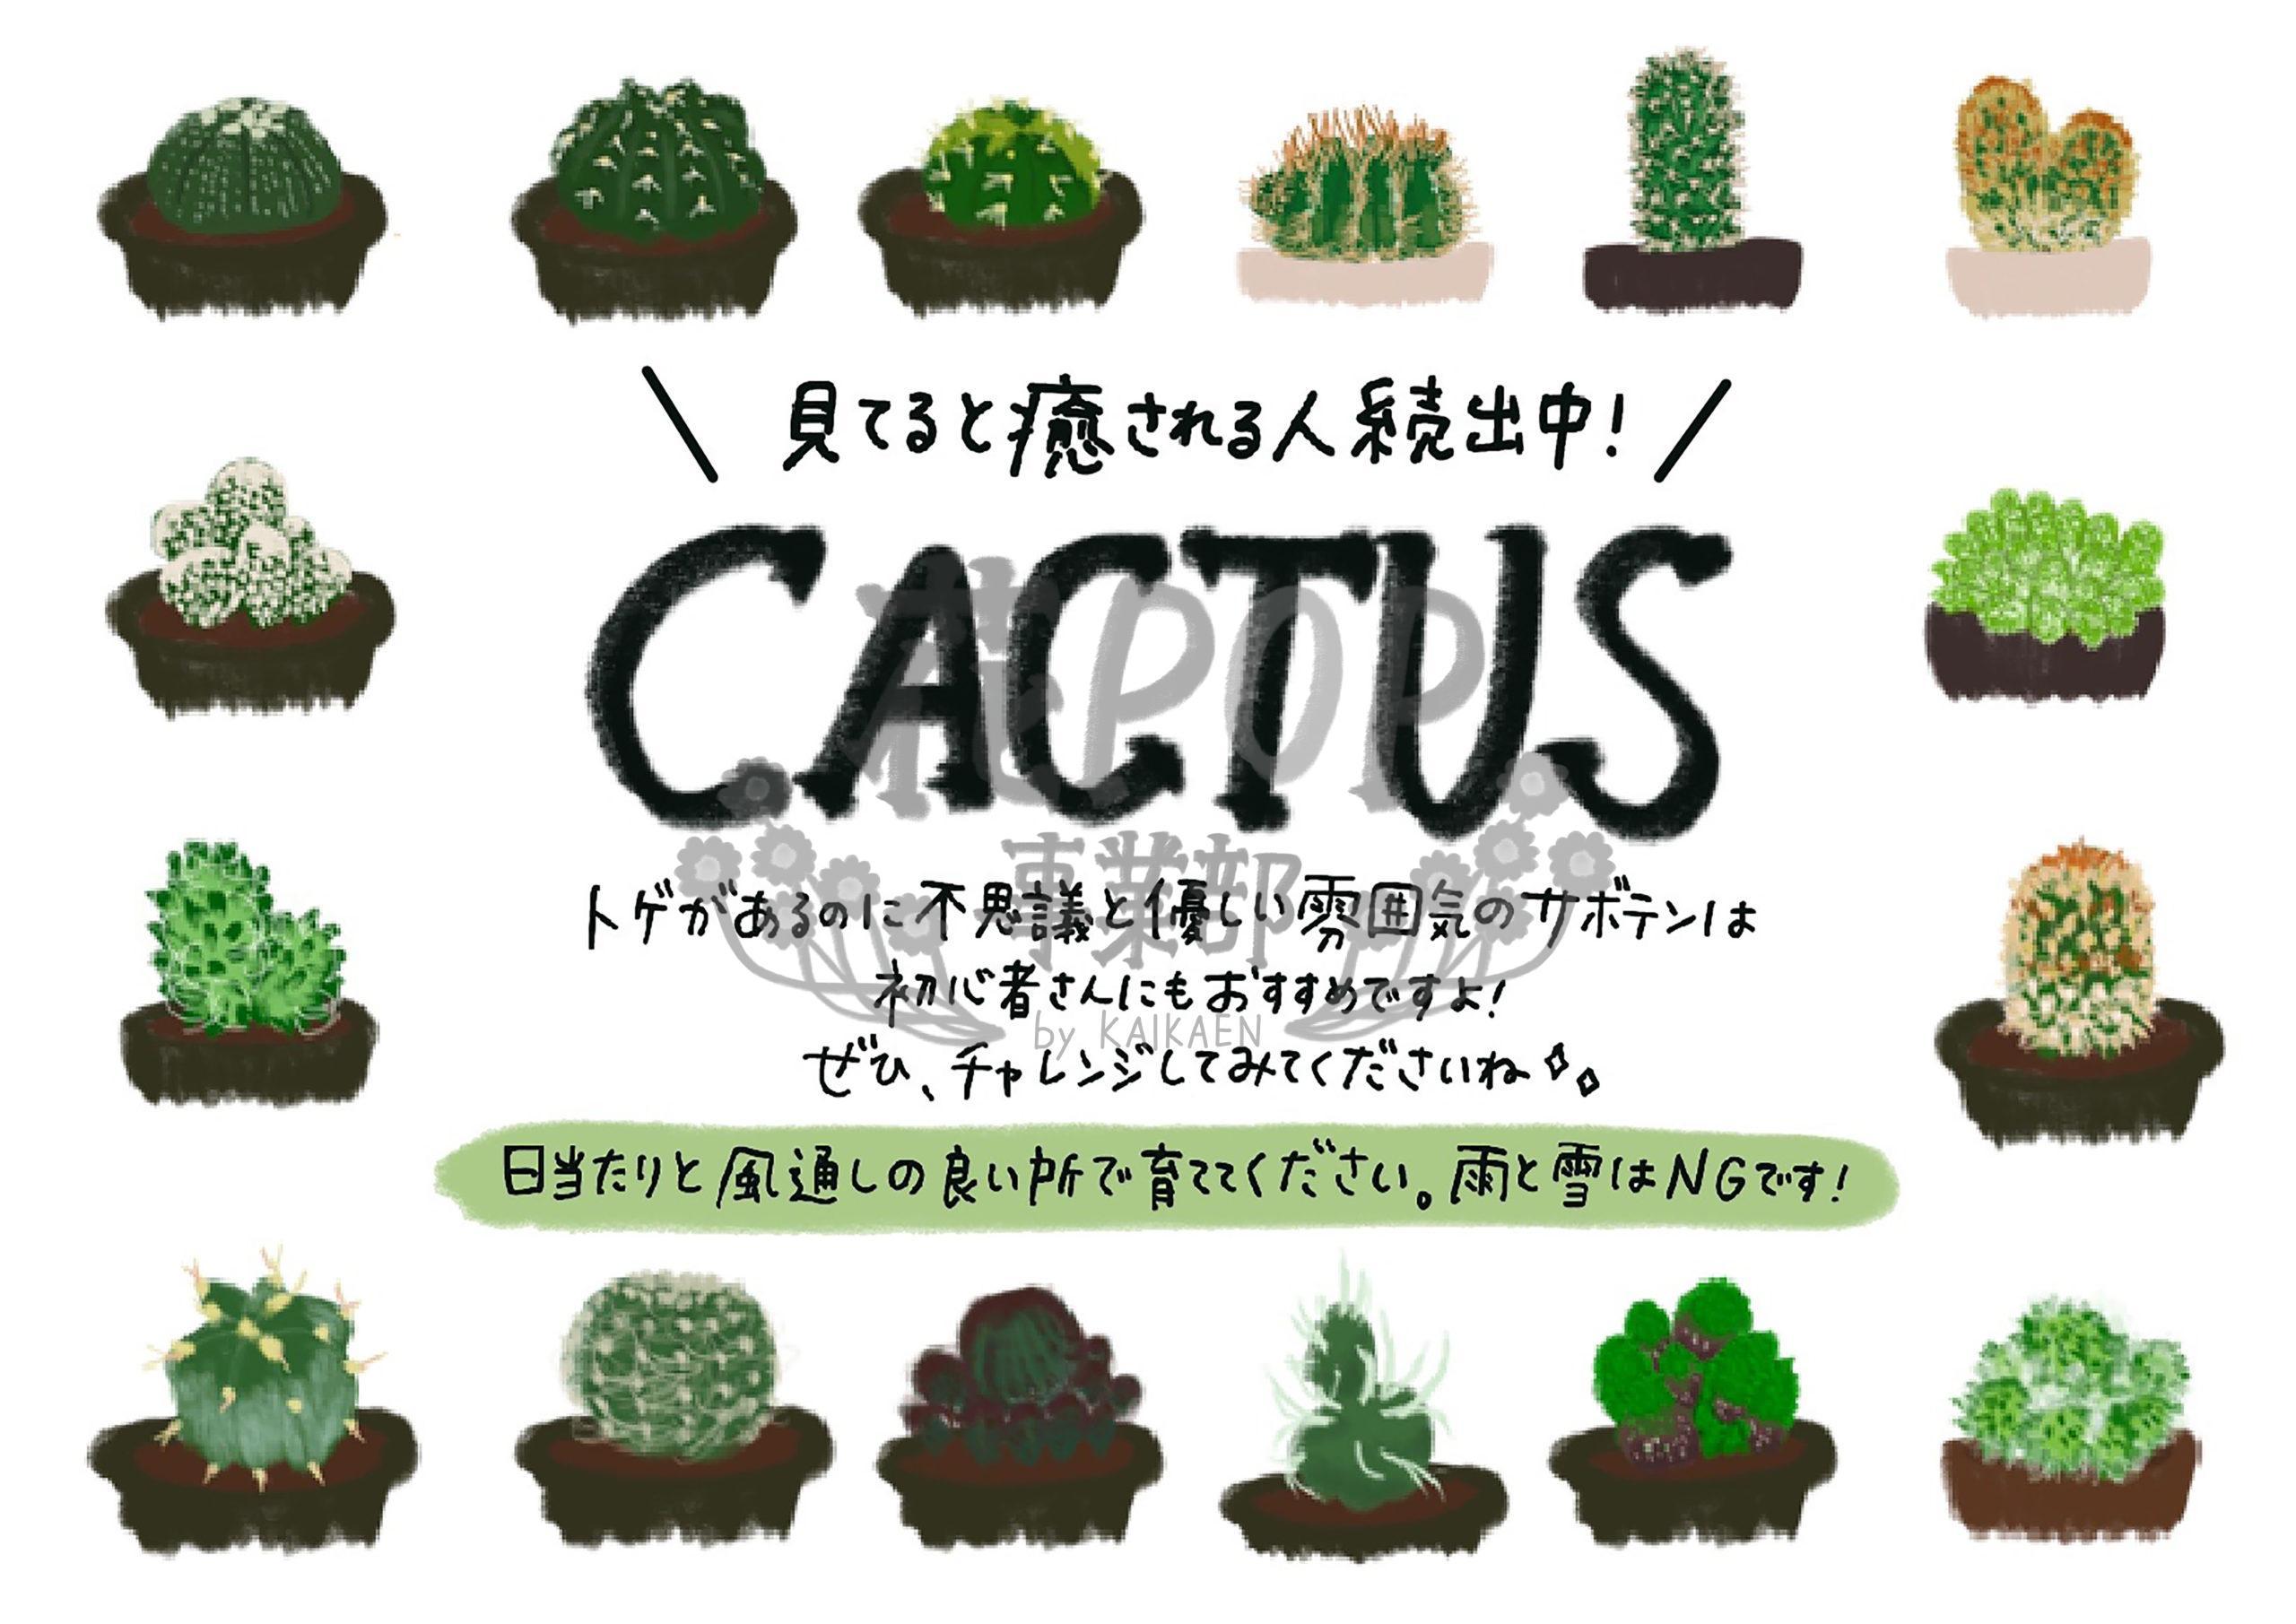 CACTUS サボテン